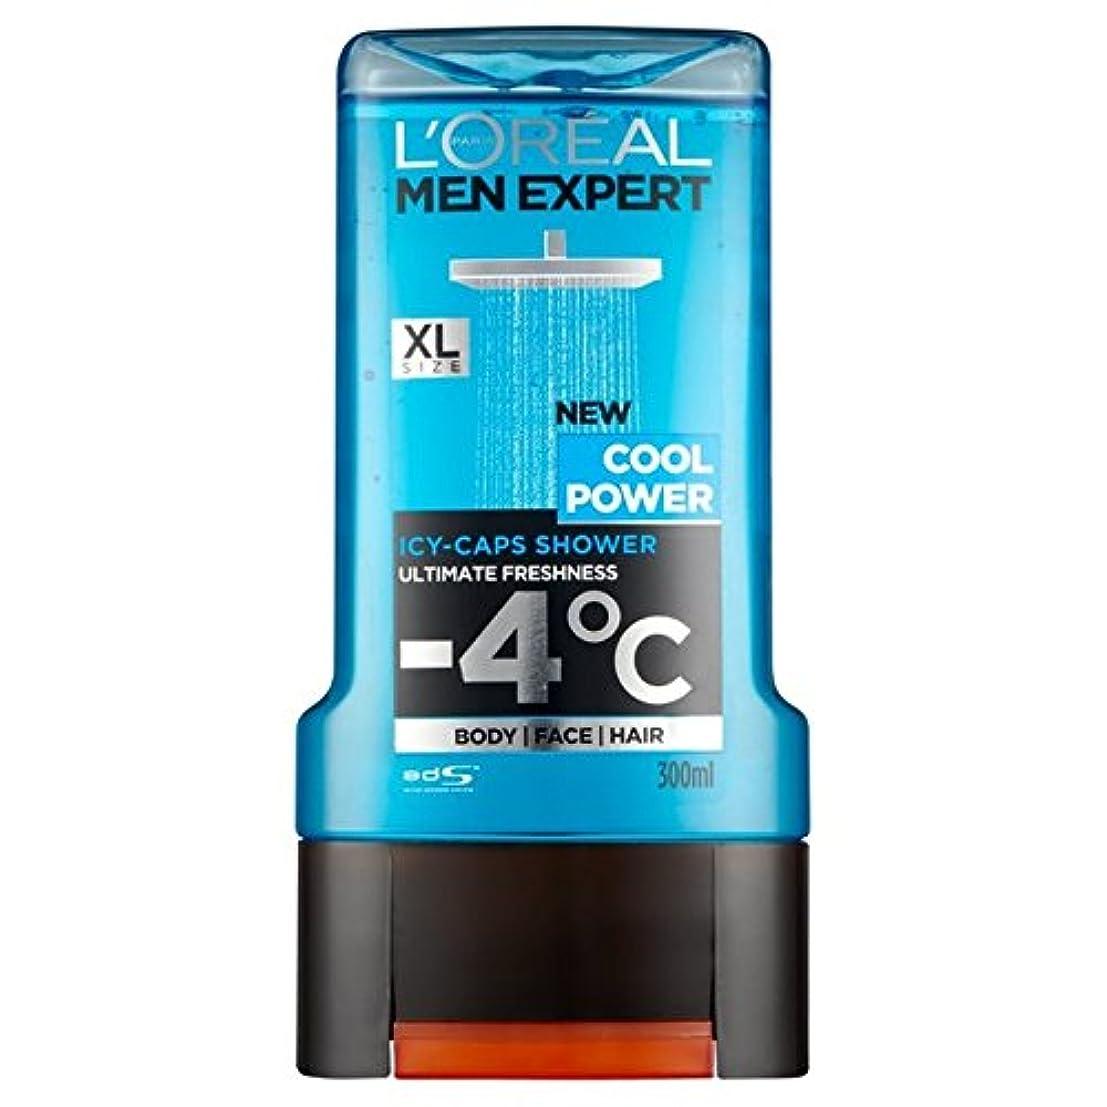 争いバスケットボール上記の頭と肩L'Oreal Paris Men Expert Cool Power Shower Gel 300ml (Pack of 6) - ロレアルパリの男性の専門家のクールなパワーシャワージェル300ミリリットル x6 [並行輸入品]